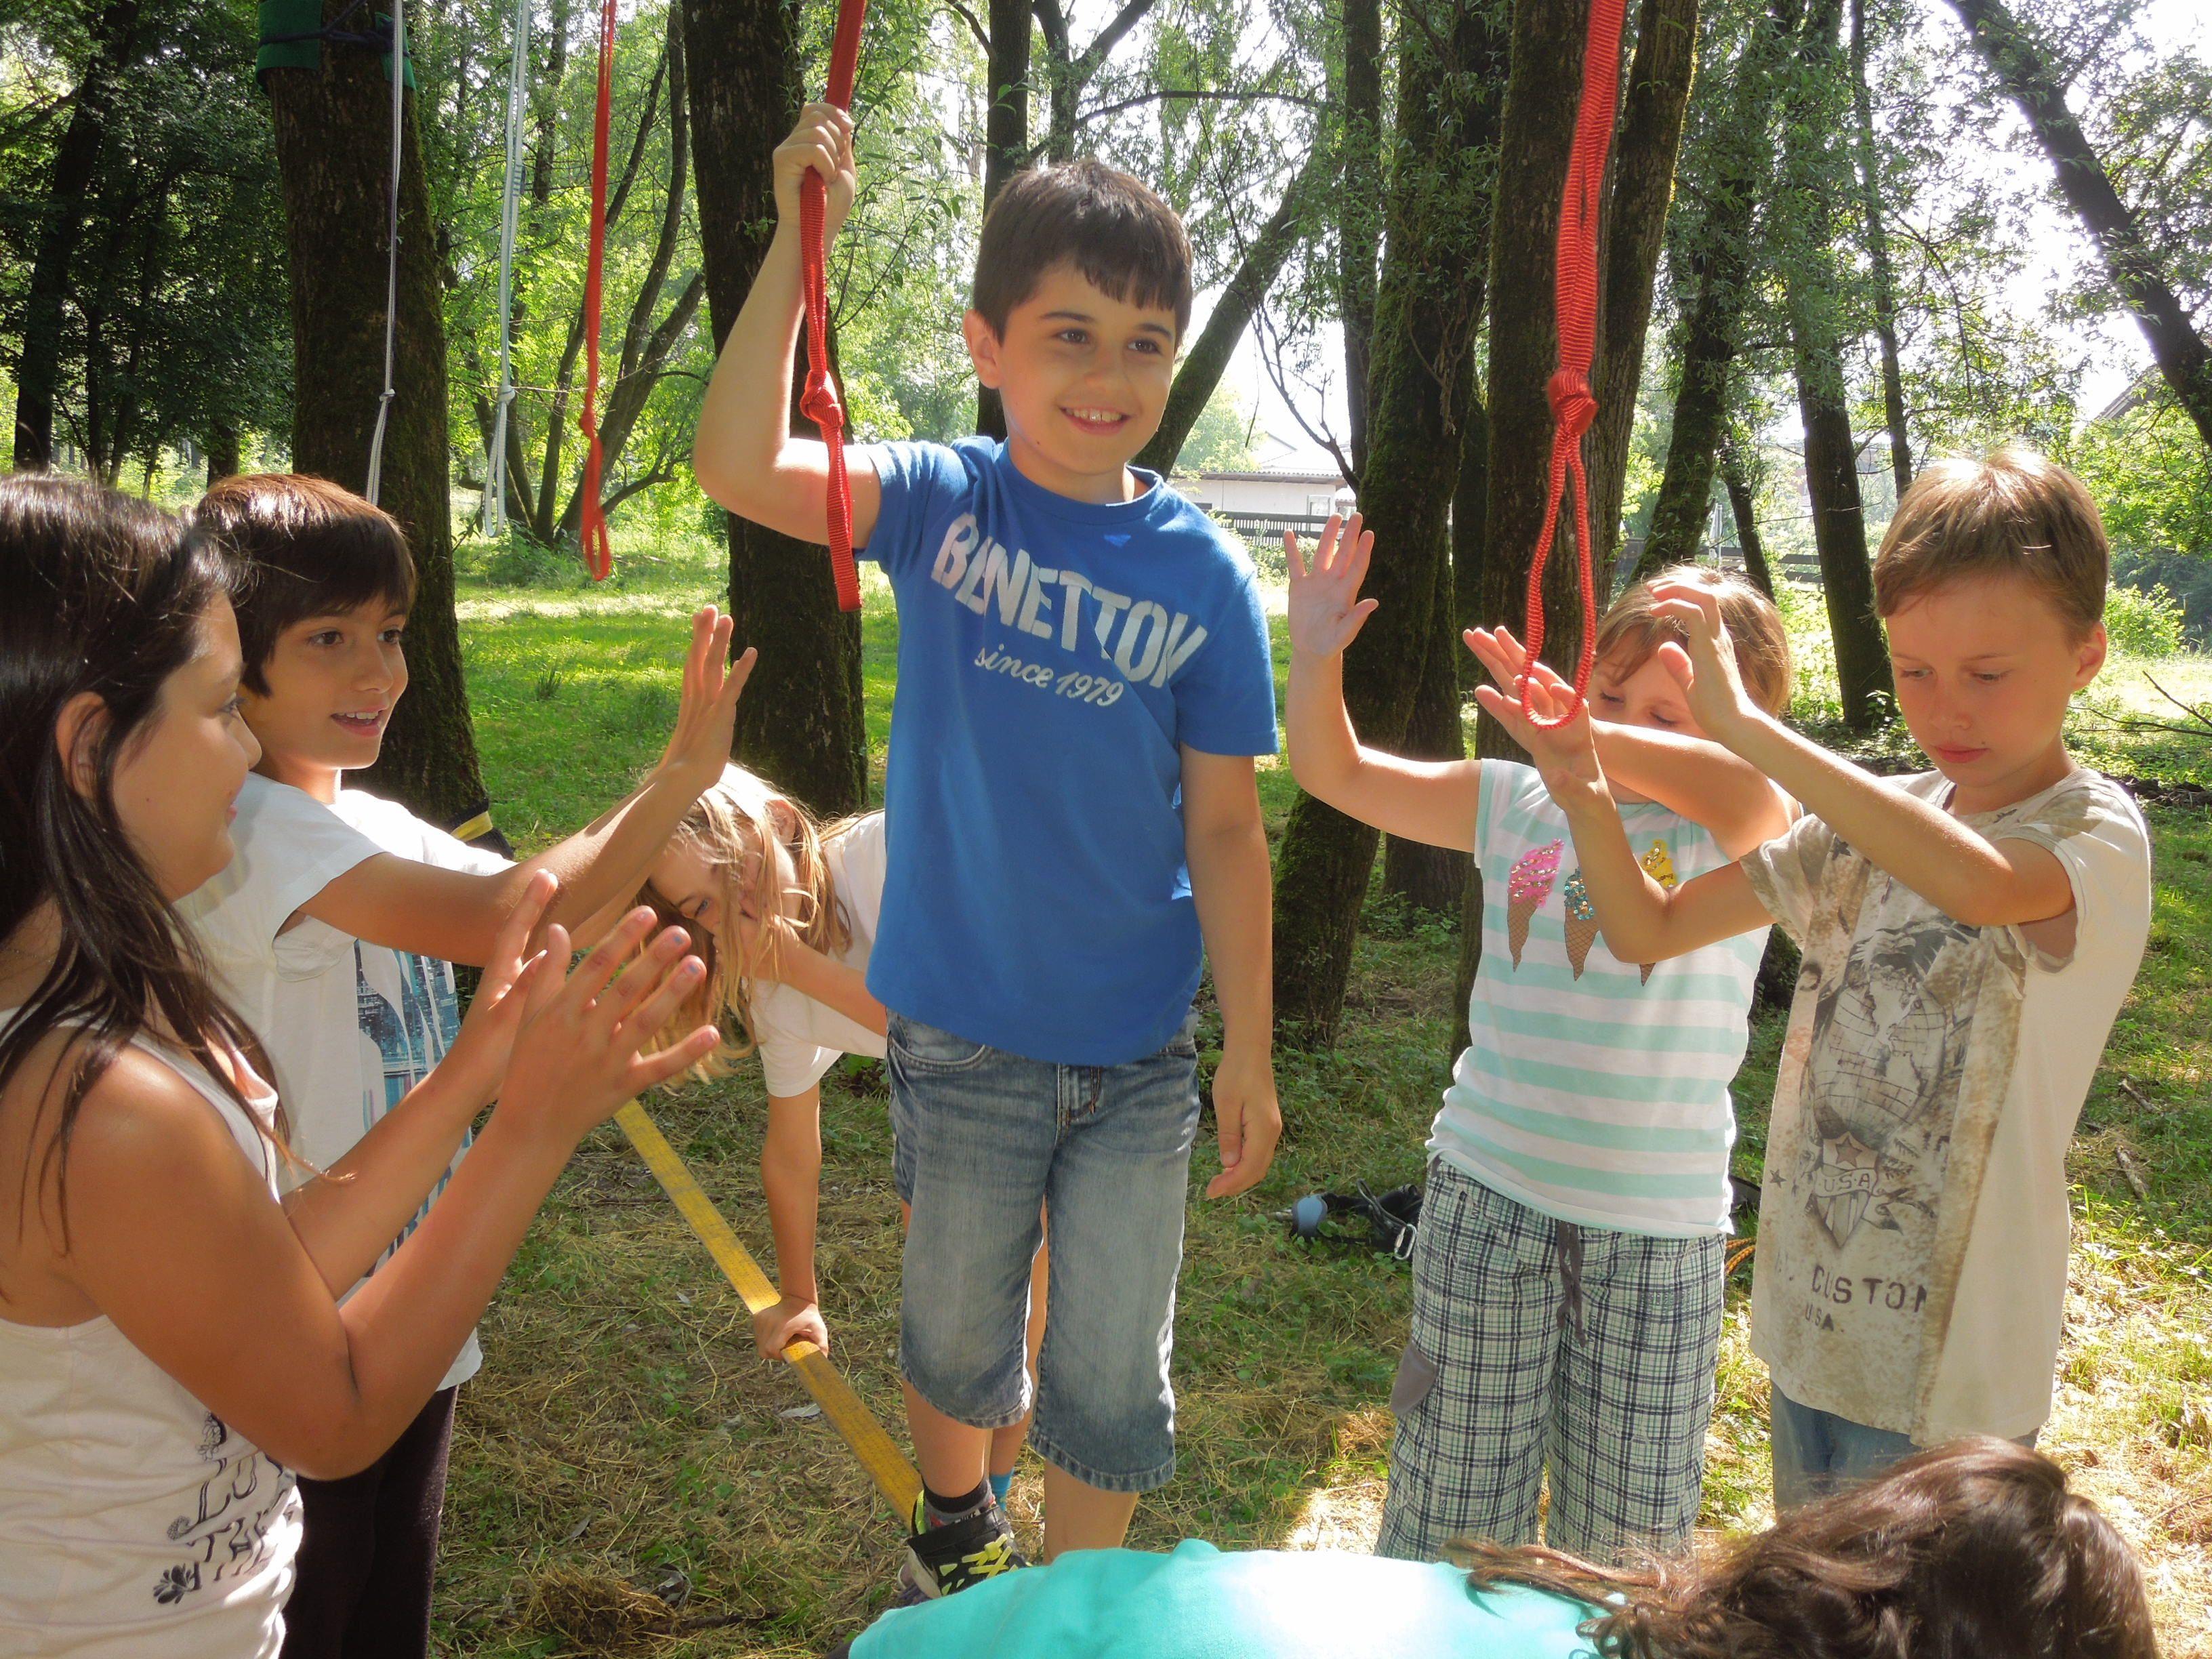 Die Kinder hatten beim Slackline-Vormittag viel Spaß und lernten was Zusammenhalt heißt.